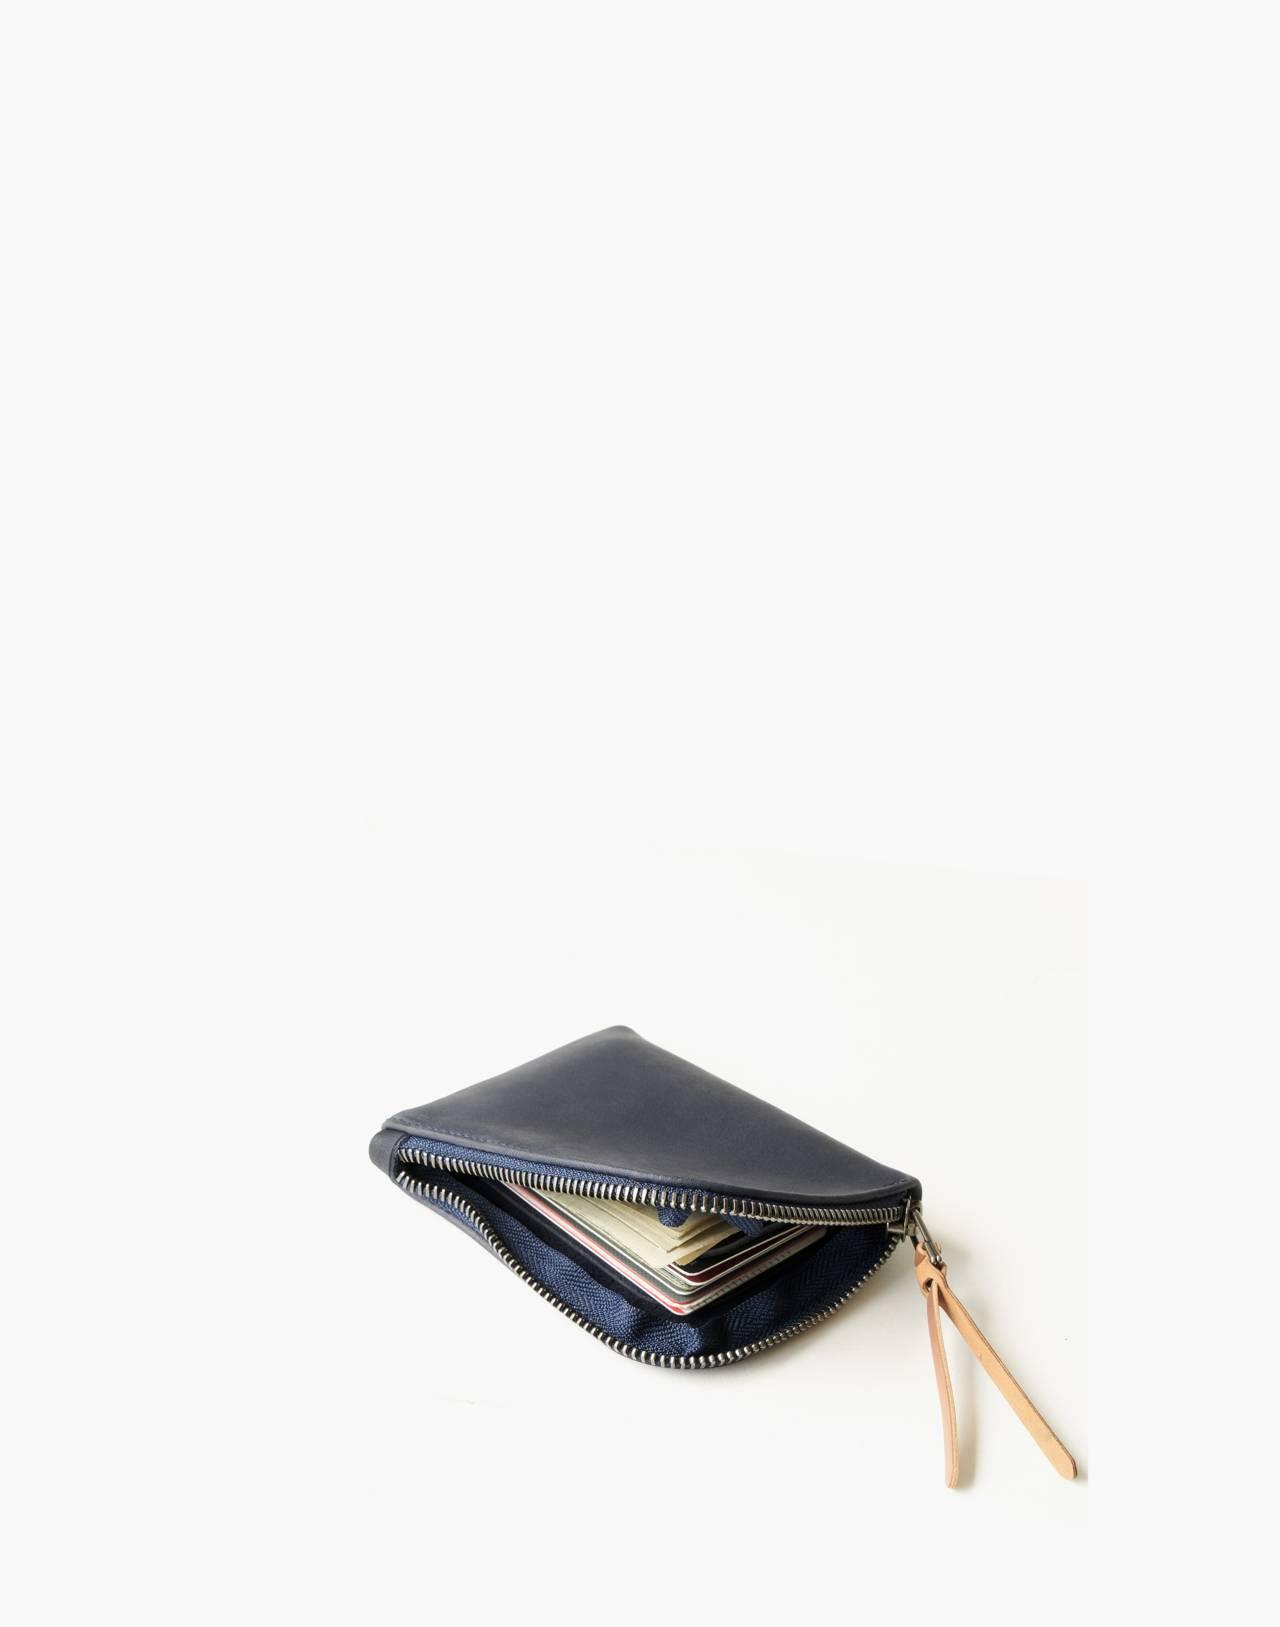 MAKR Leather Zip Luxe Wallet in navy image 2